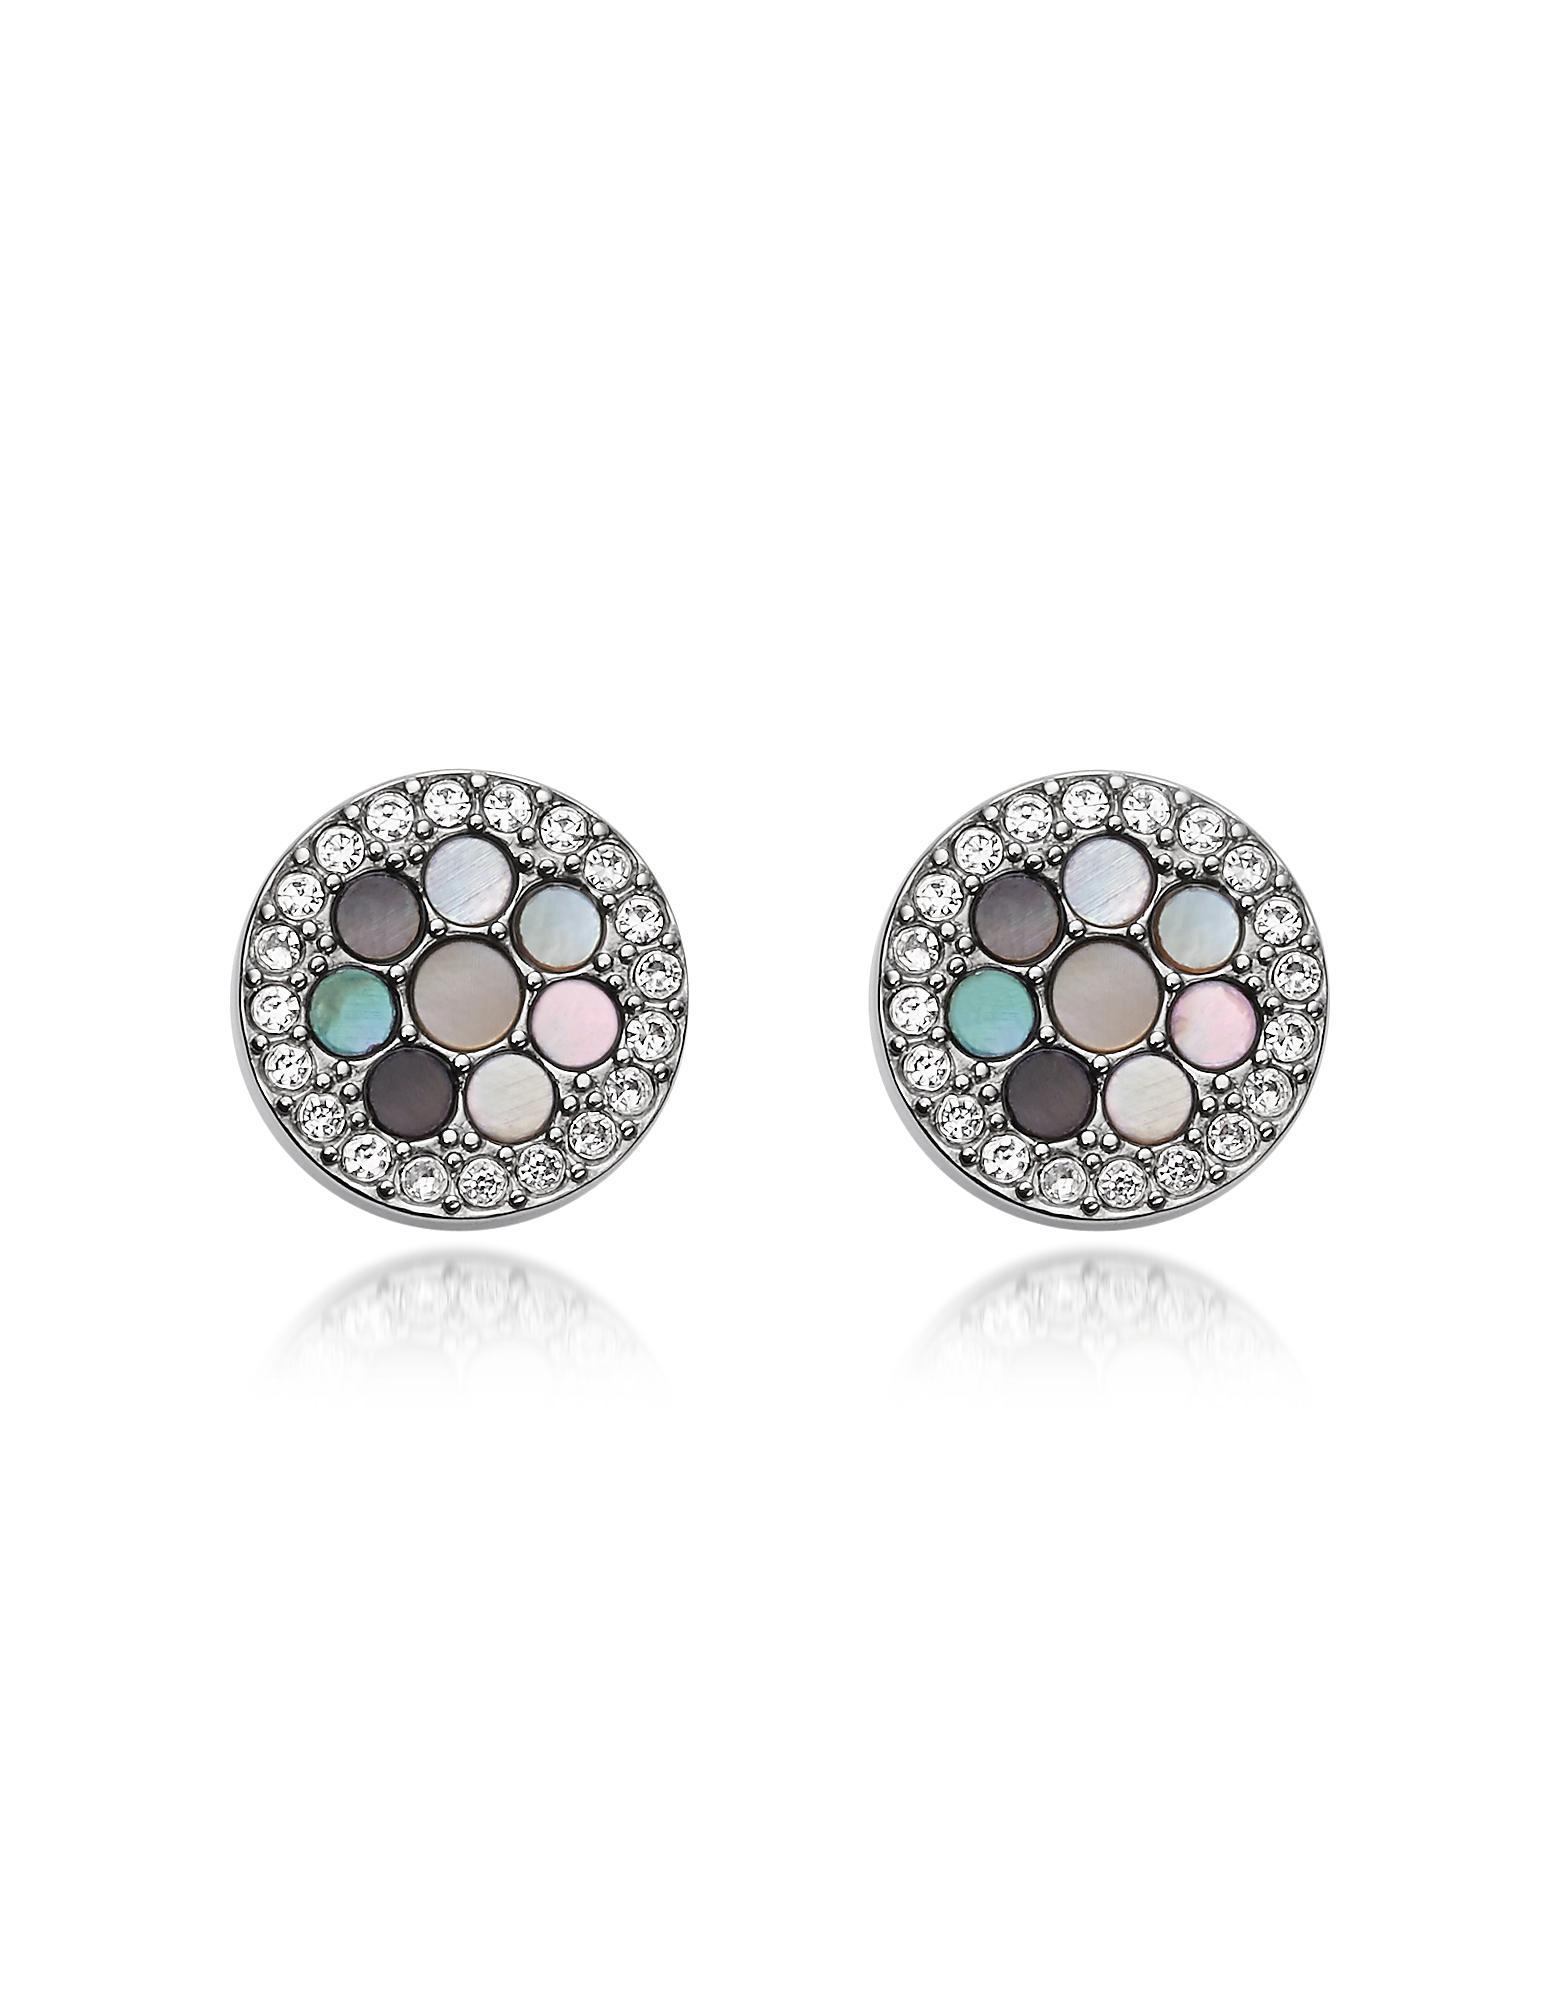 Fossil Earrings, Vintage Glitz Crystal Studs Women's Earring